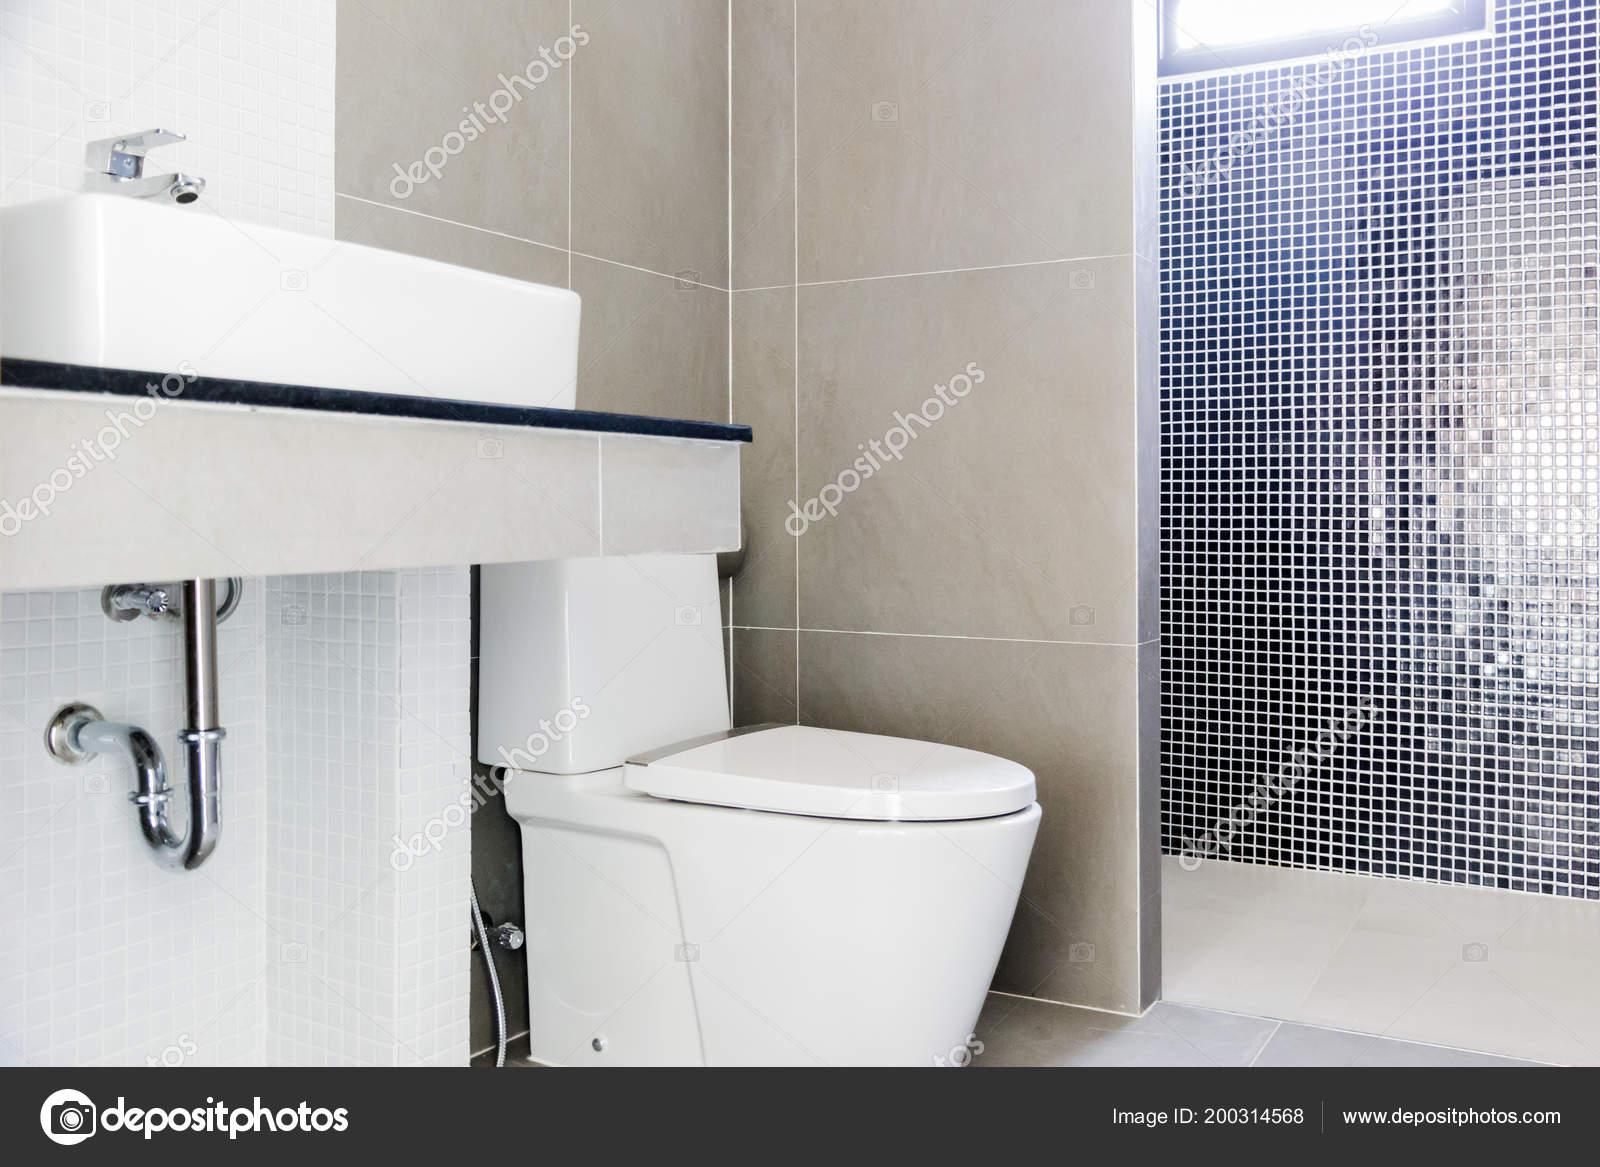 Modernes Design Haus Bad Und Waschbecken Weiß Colur Sanitärkeramik  Badezimmer U2014 Stockfoto